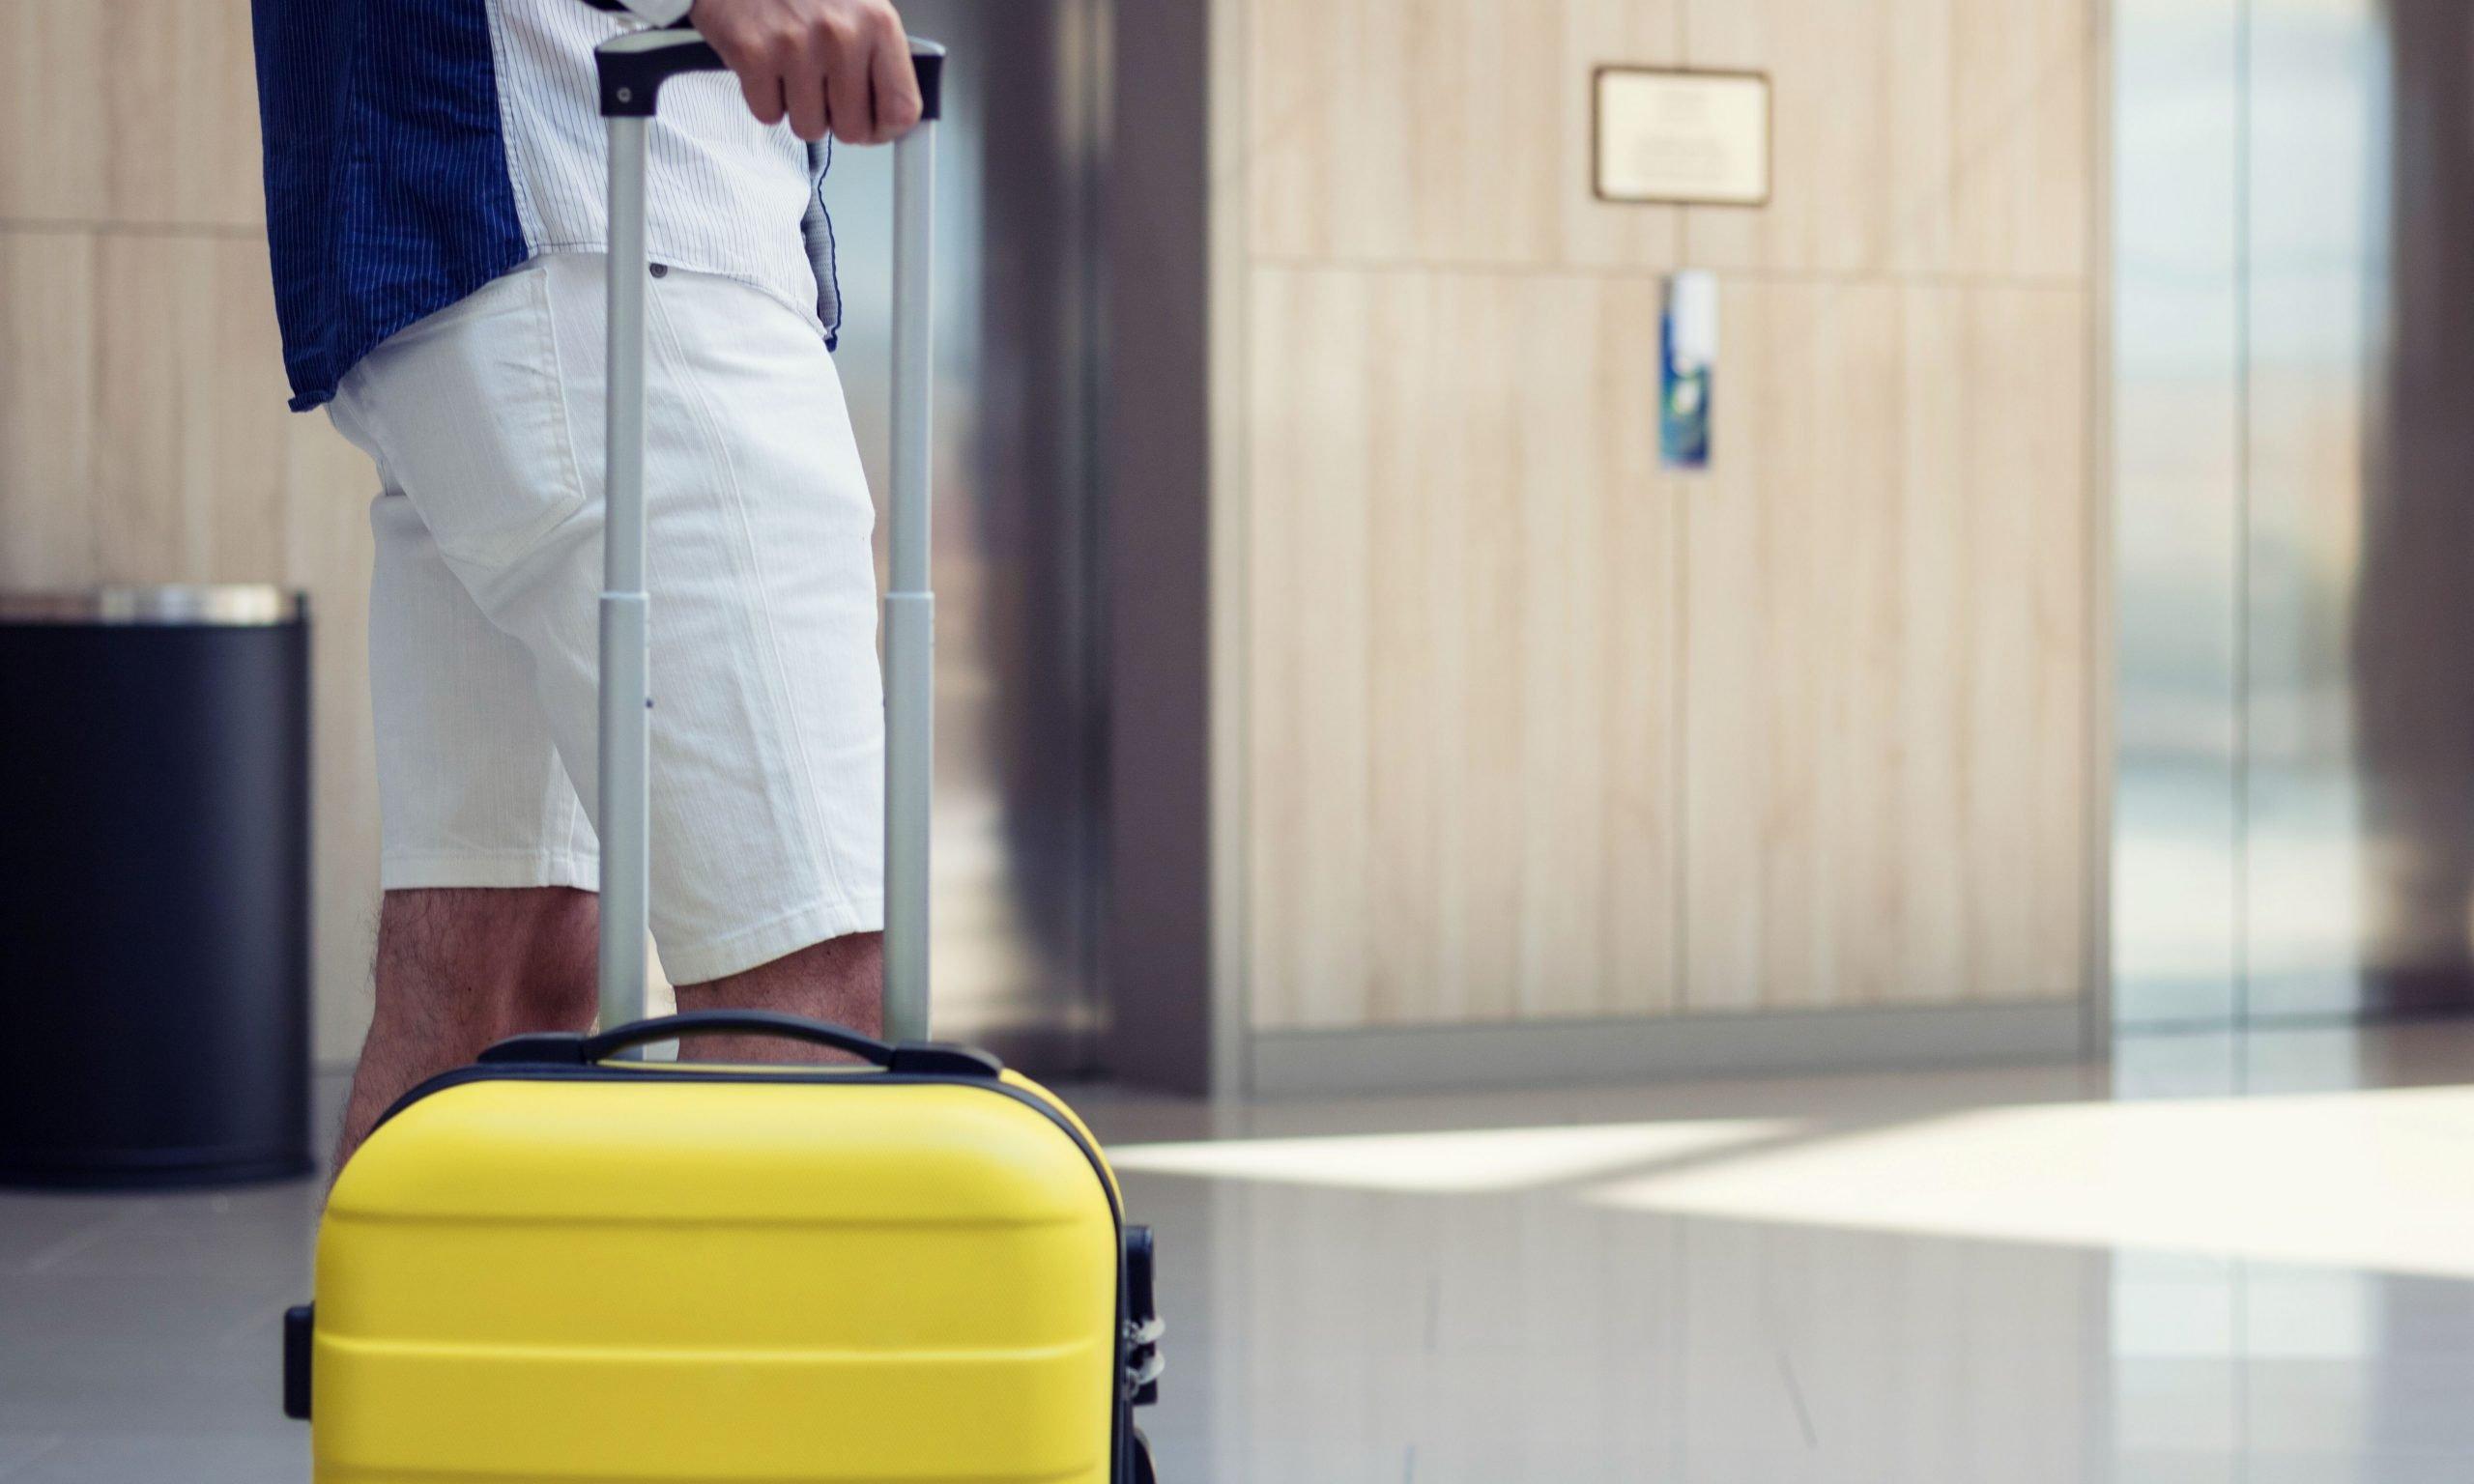 Welche Rasierer sind im Handgepäck erlaubt?